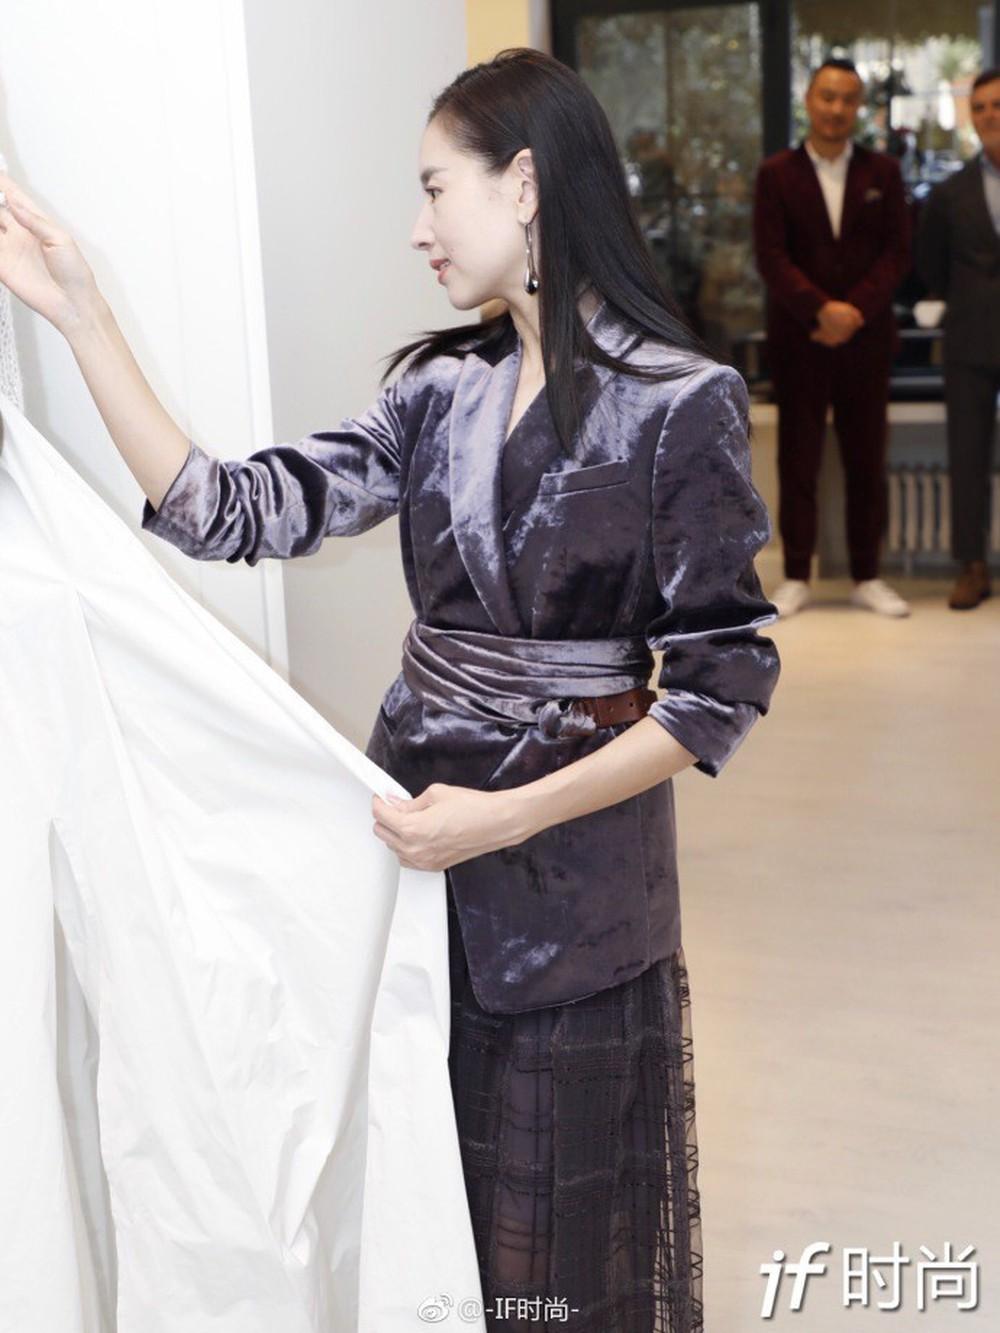 Hai Phú Sát Hoàng Hậu Tần Lam - Đổng Khiết đụng độ nhan sắc: Người như tiên nữ, kẻ lộ già nua - Ảnh 18.